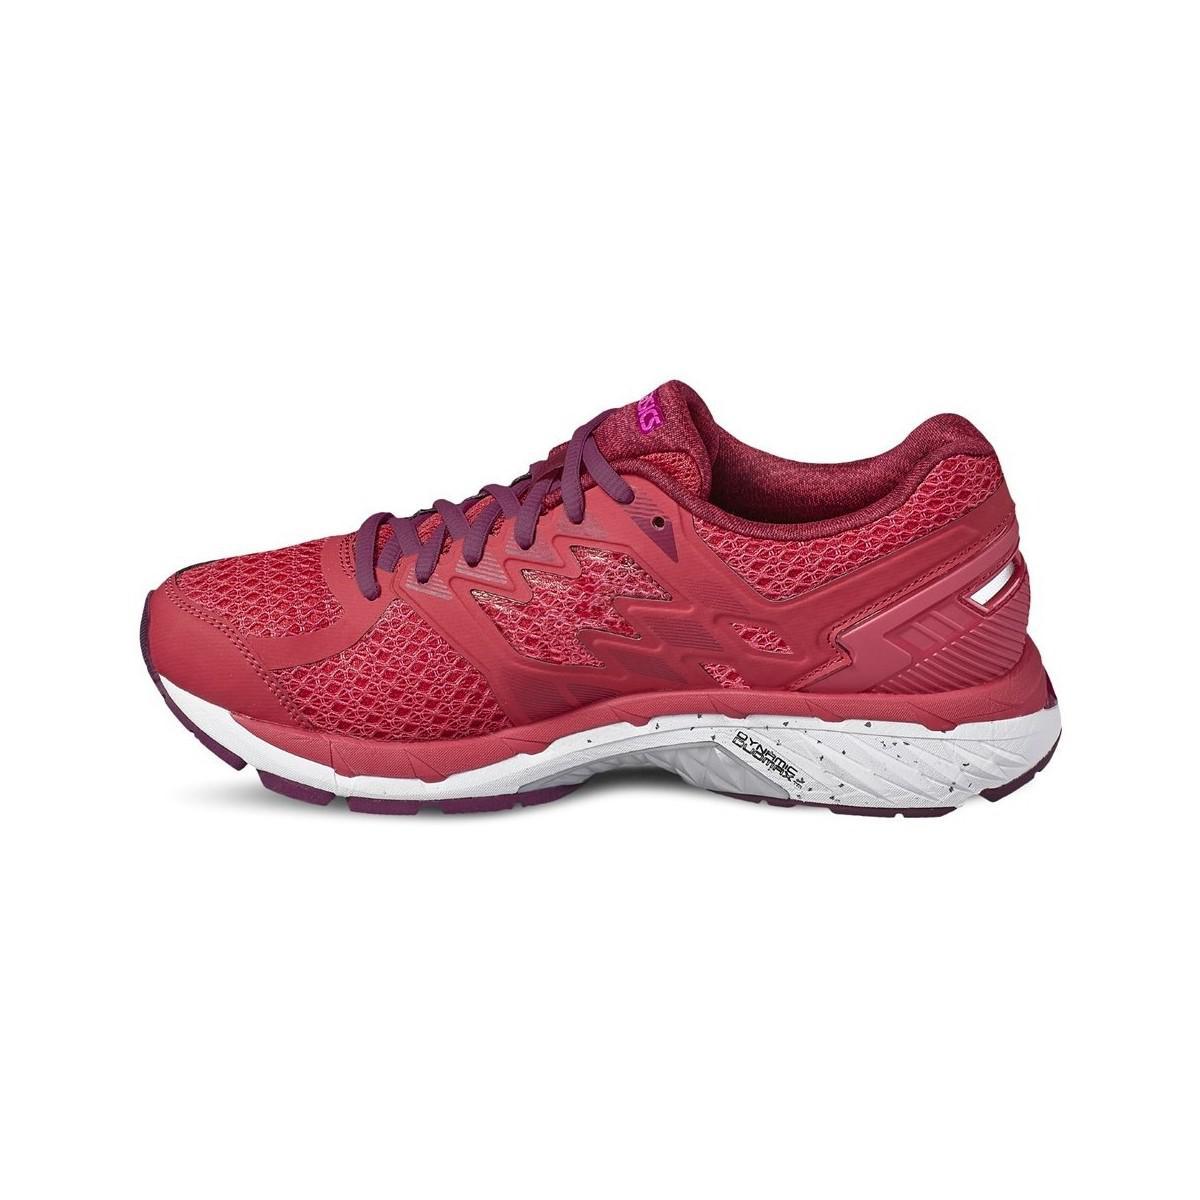 Asics 5 Gt 3000 Chaussures 5 Chaussures pour femmes (baskets) En 19981 mauve en violet Sauvegarder 520d2cc - www.adaysrsseminar.website